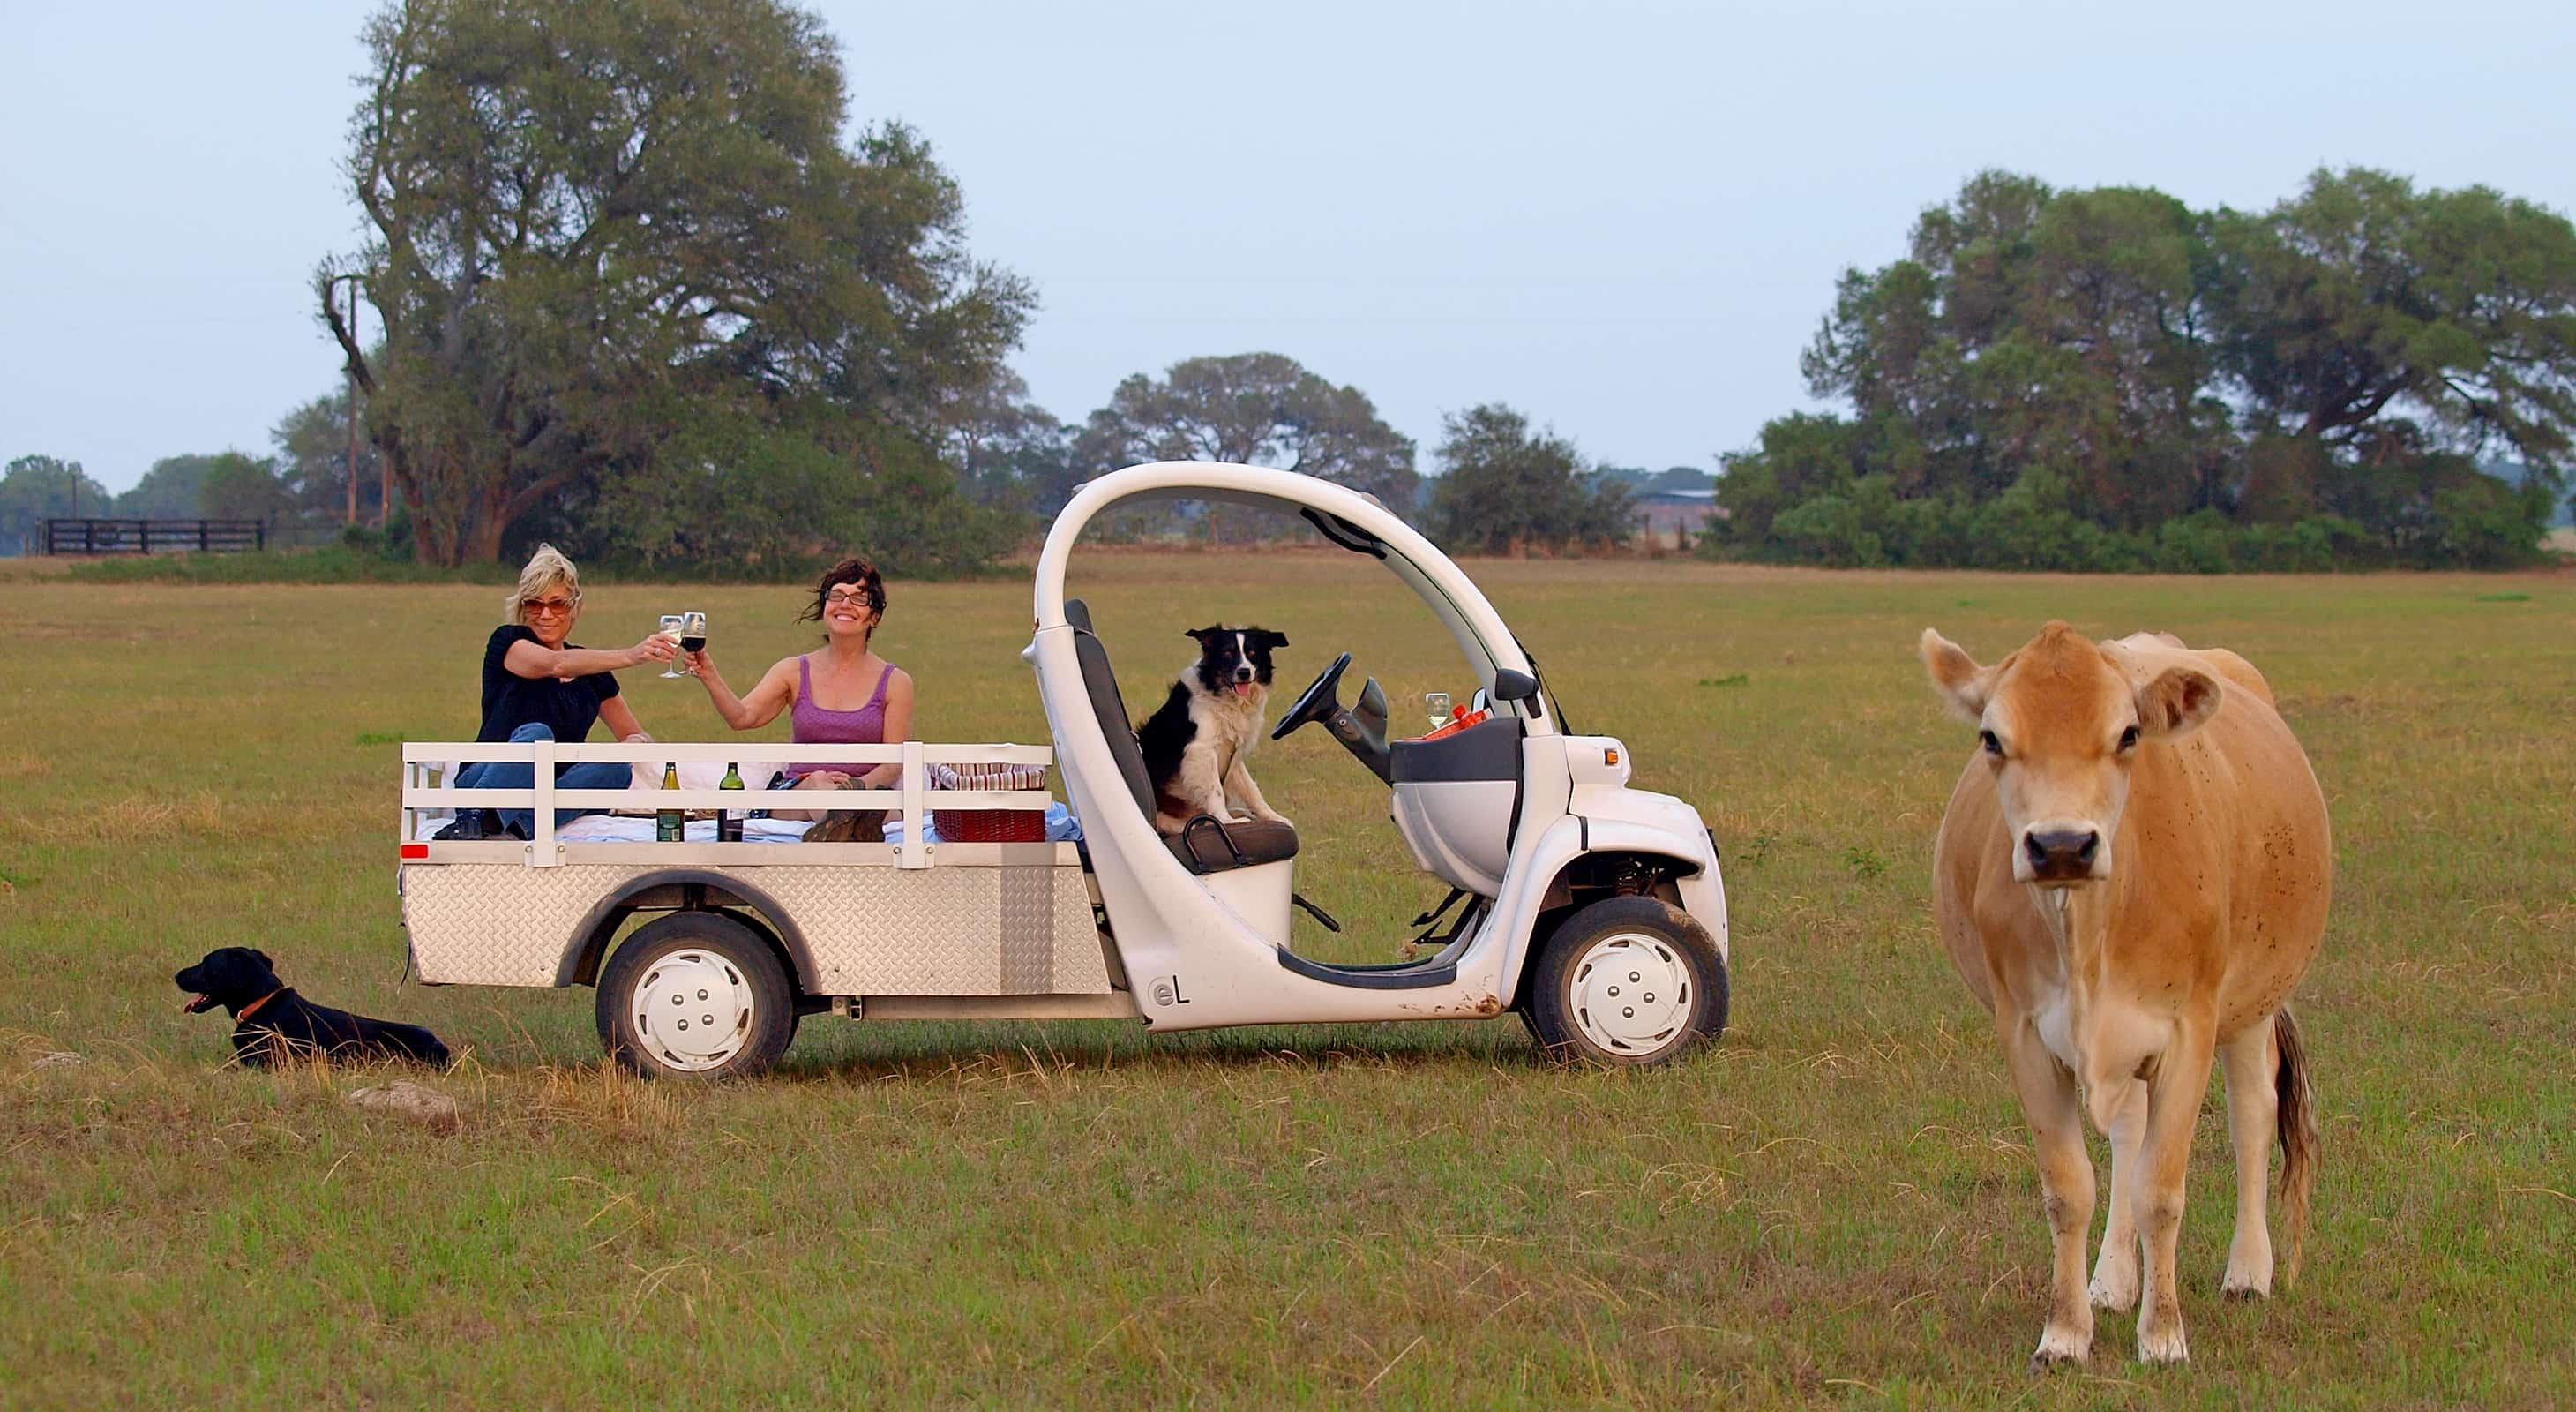 golf cart touring cows at ranch